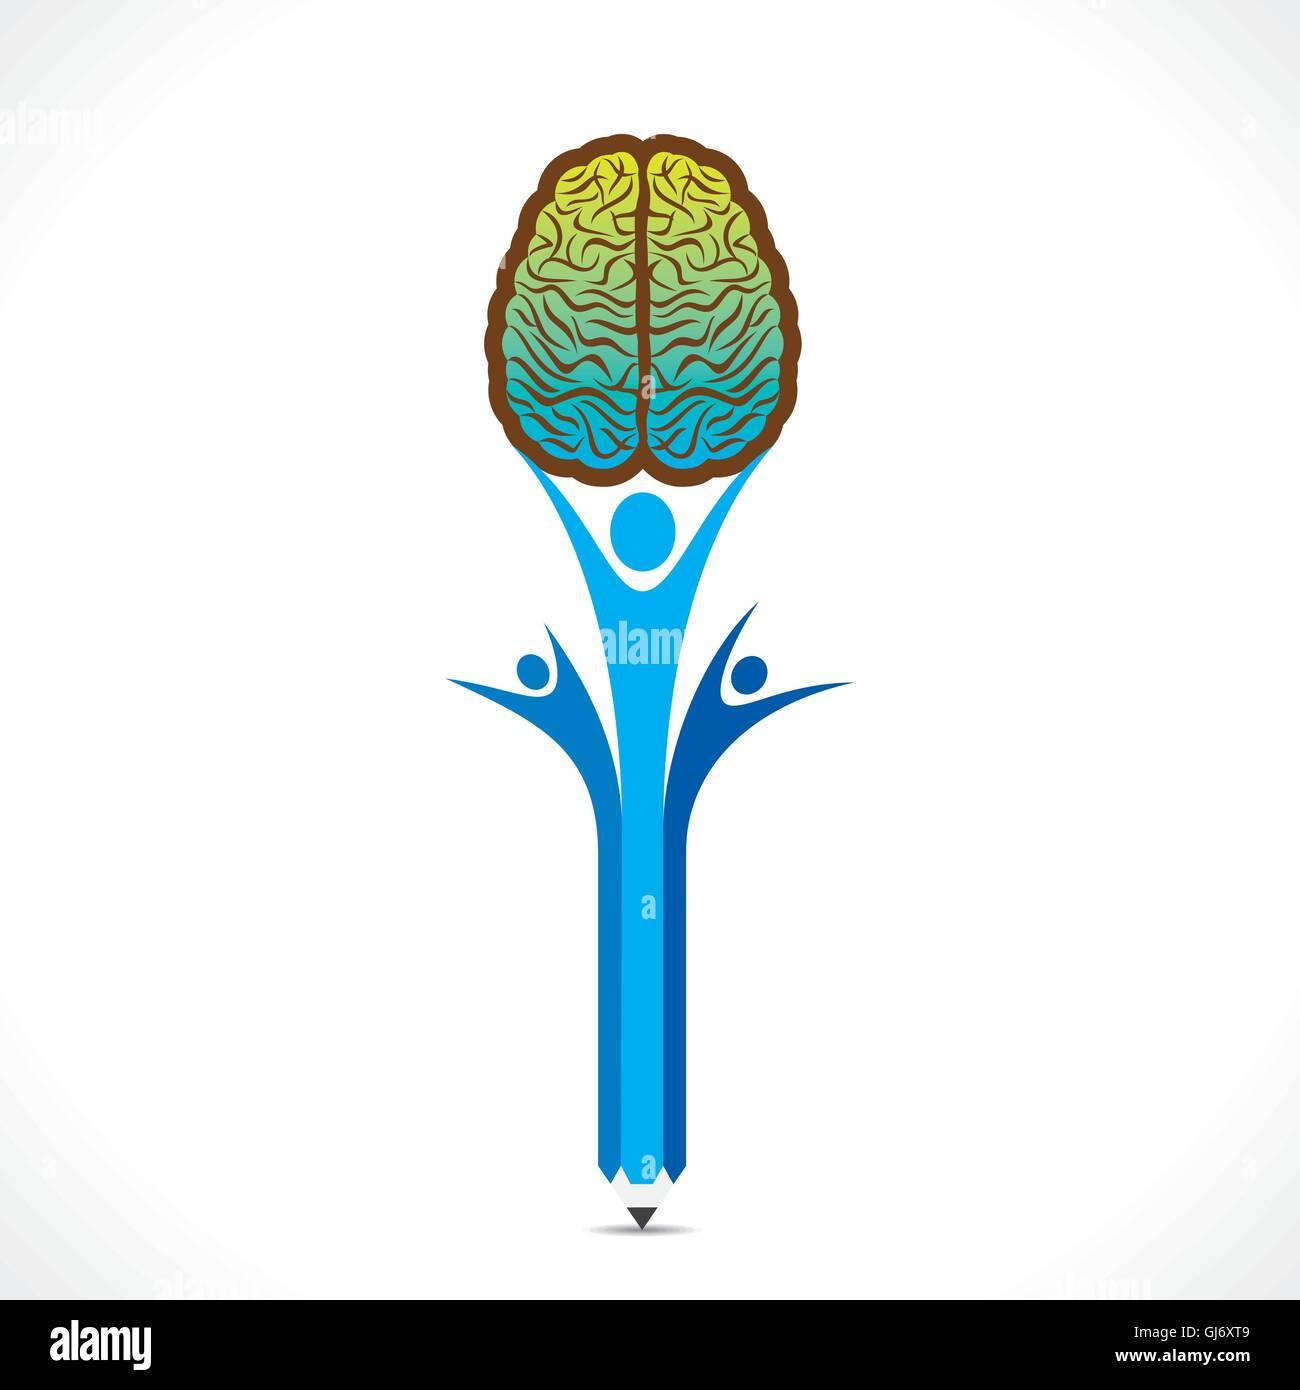 Las personas creativas mantenga el cerebro concepto vector Imagen De Stock